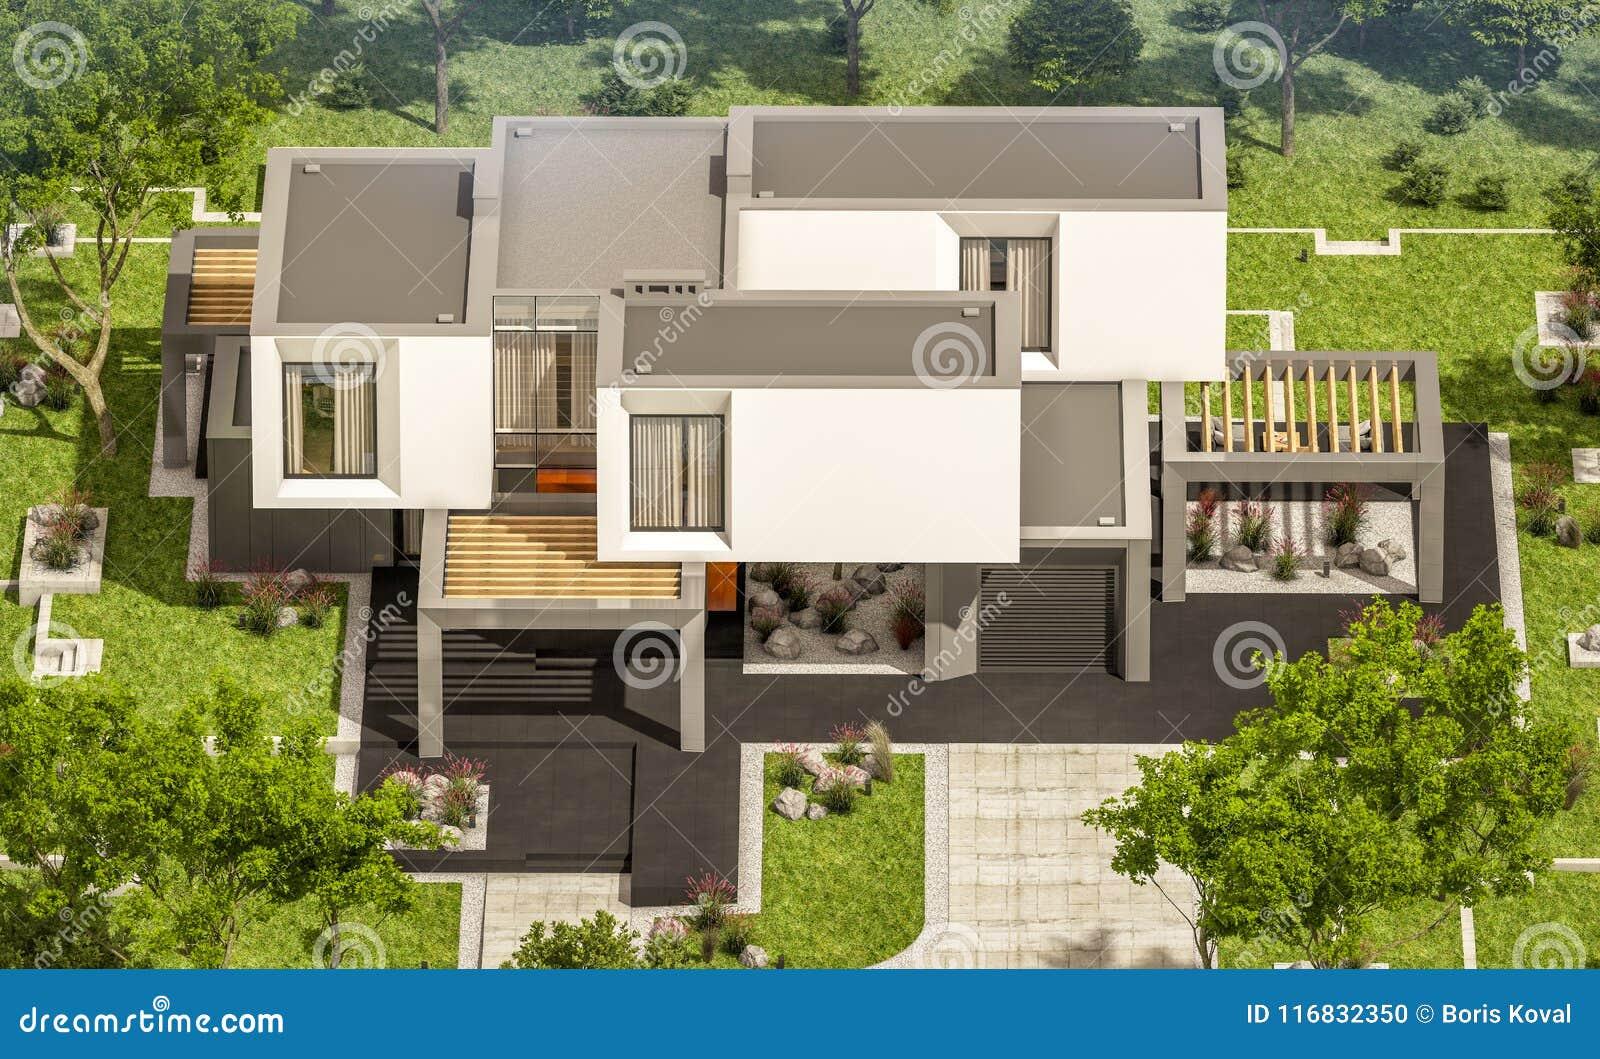 3d Rendering Of Modern House In The Garden Stock Illustration